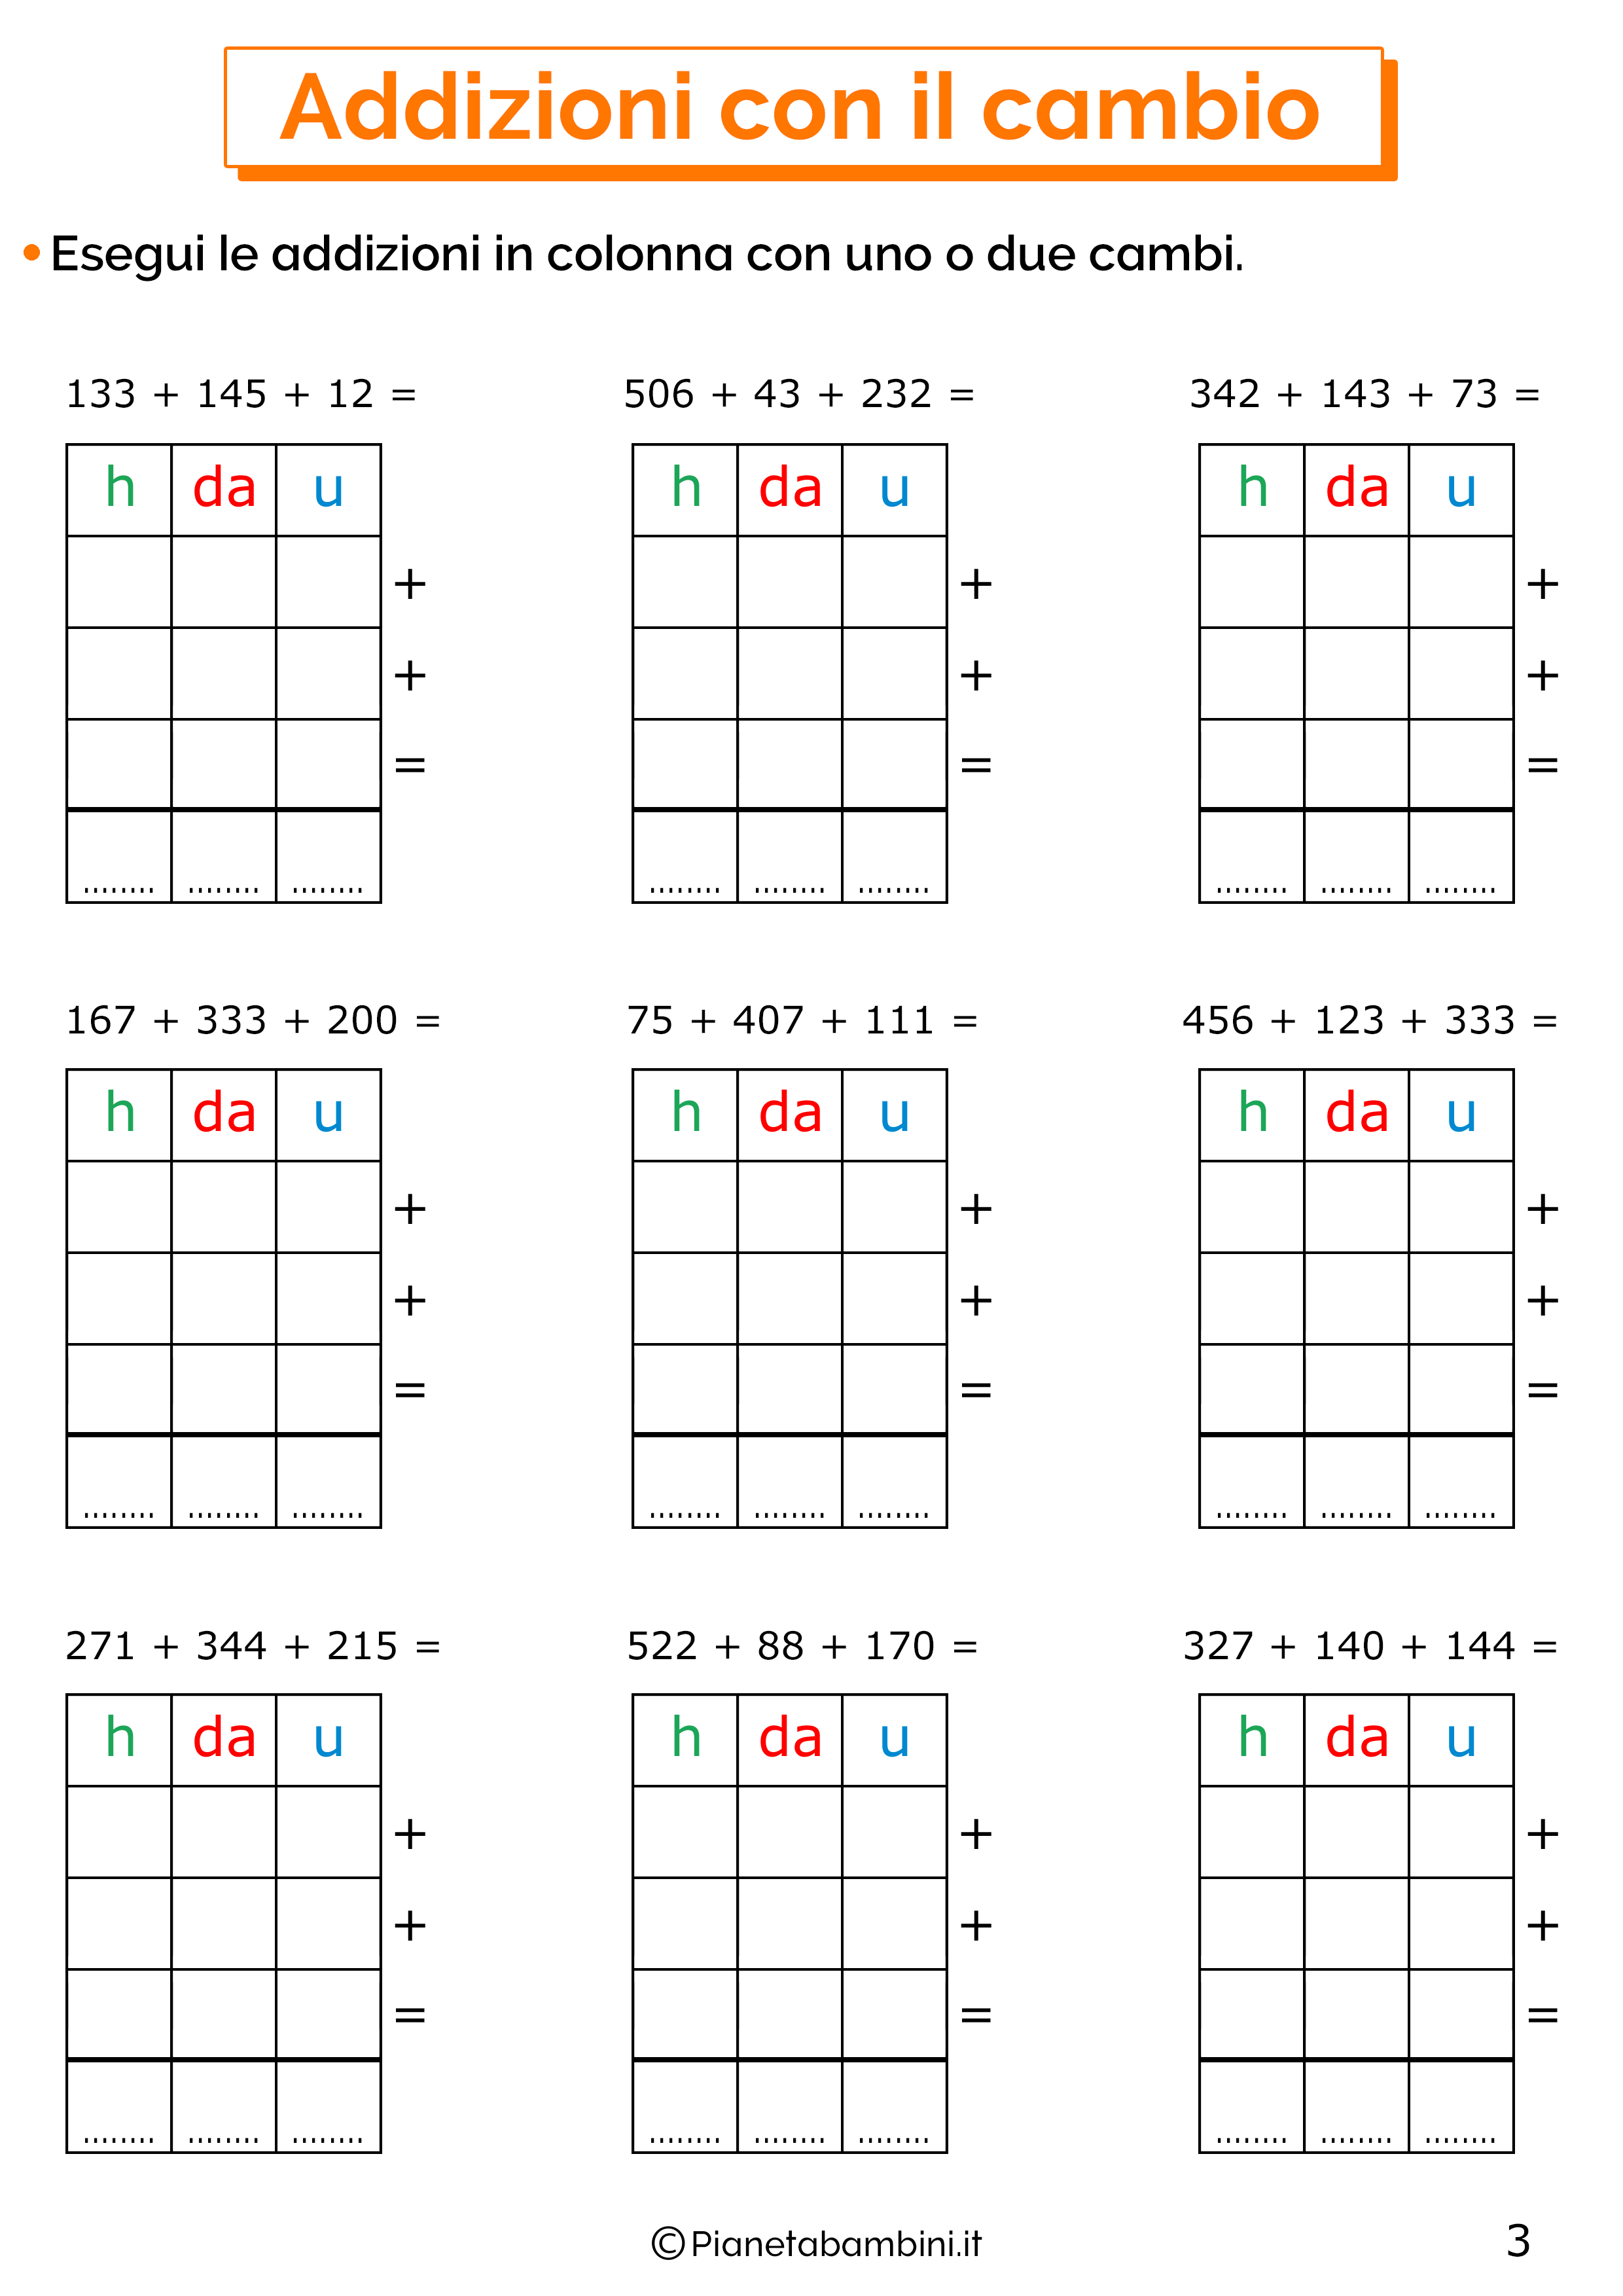 Addizioni in colonna con il cambio a tre cifre per la classe terza 3